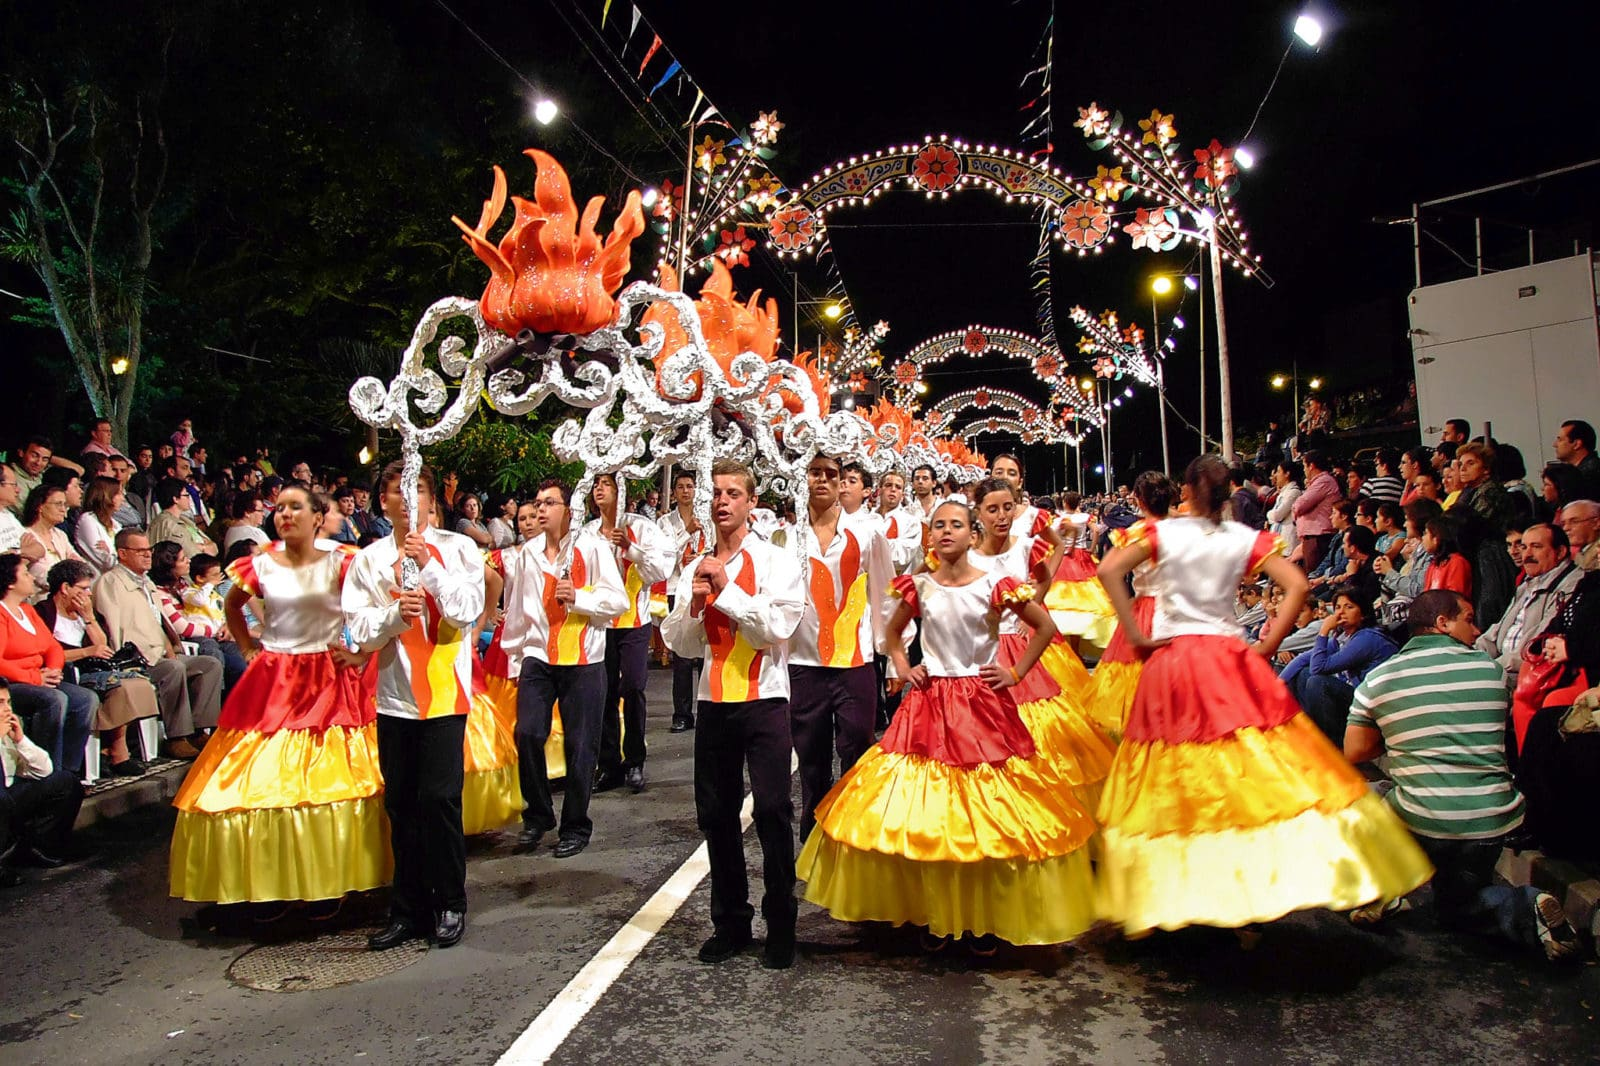 Праздник Святого Иоанна (Festa dе São João), Сан-Мигел (фото: Casimiro Valério)